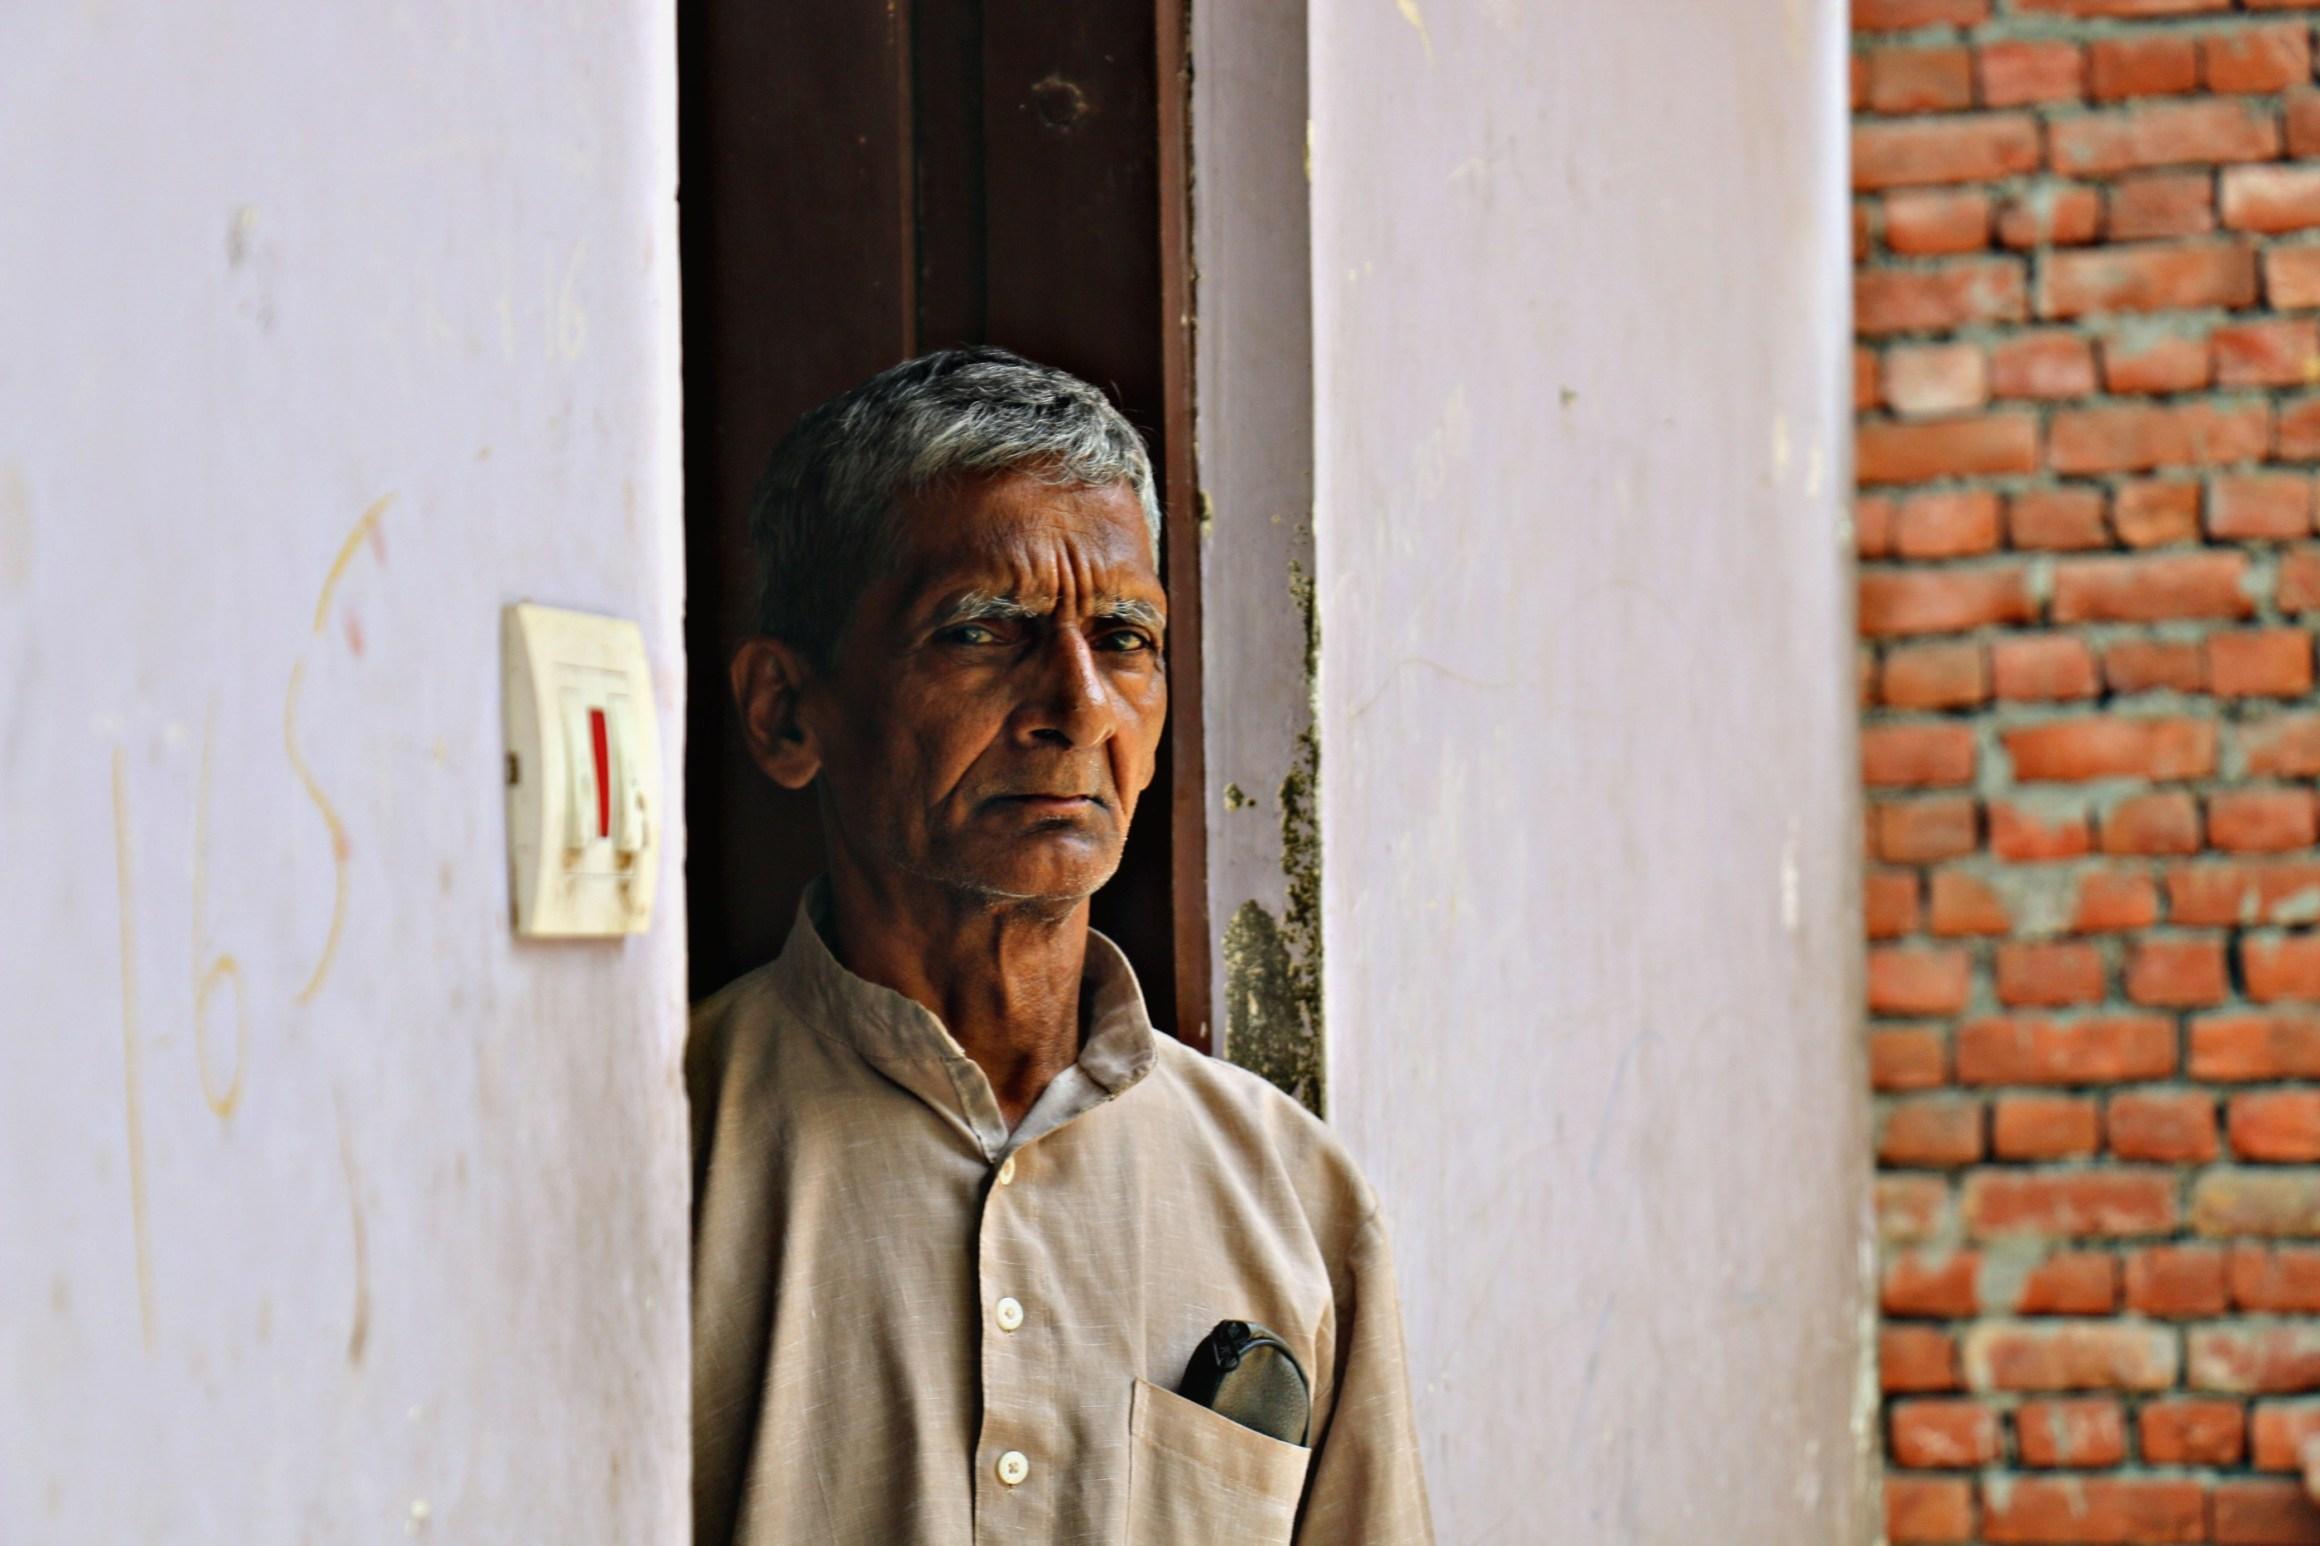 سچن کے والد دھرم ویر سنگھ (فوٹو : پرشانت کنوجیا / دی وائر)